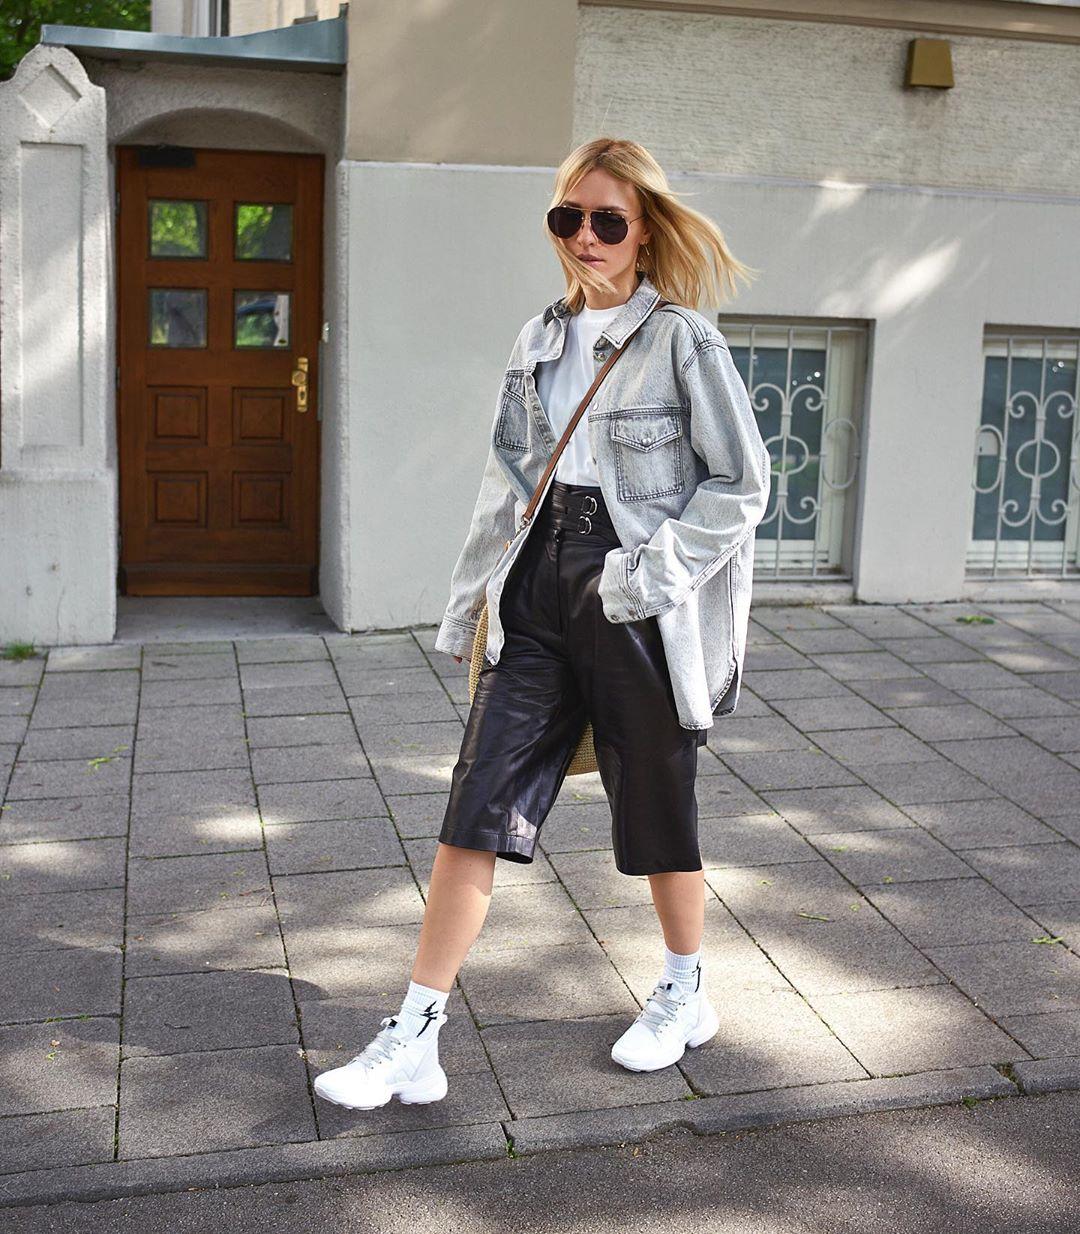 Cô gái phối đồ quần shorts bermuda với áo khoác denim, giày sneakers và tất trắng